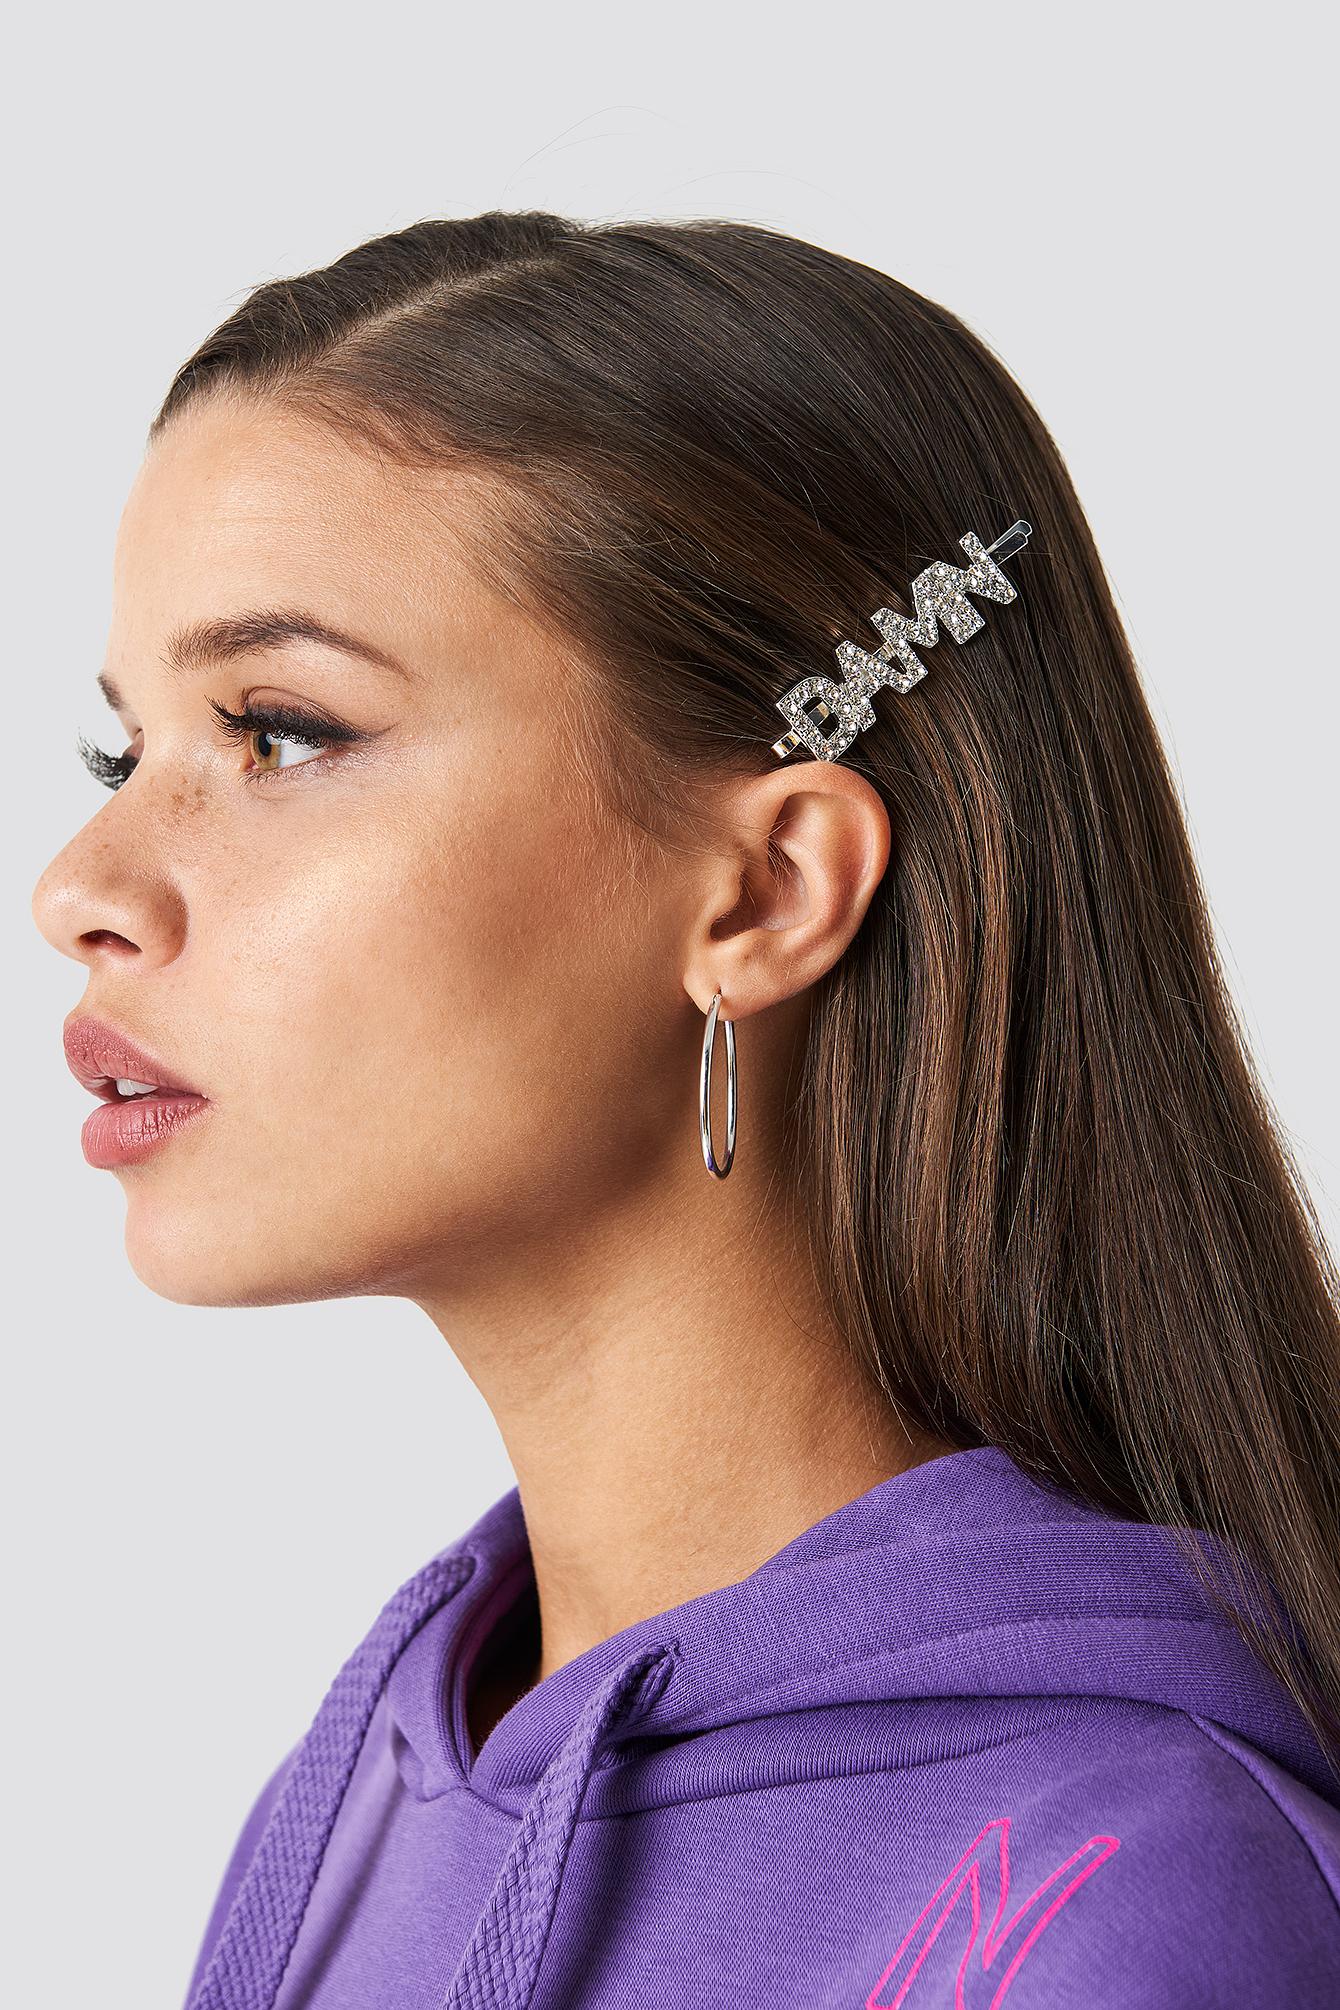 zara larsson -  Damn Rhinestone Hairclip - Silver